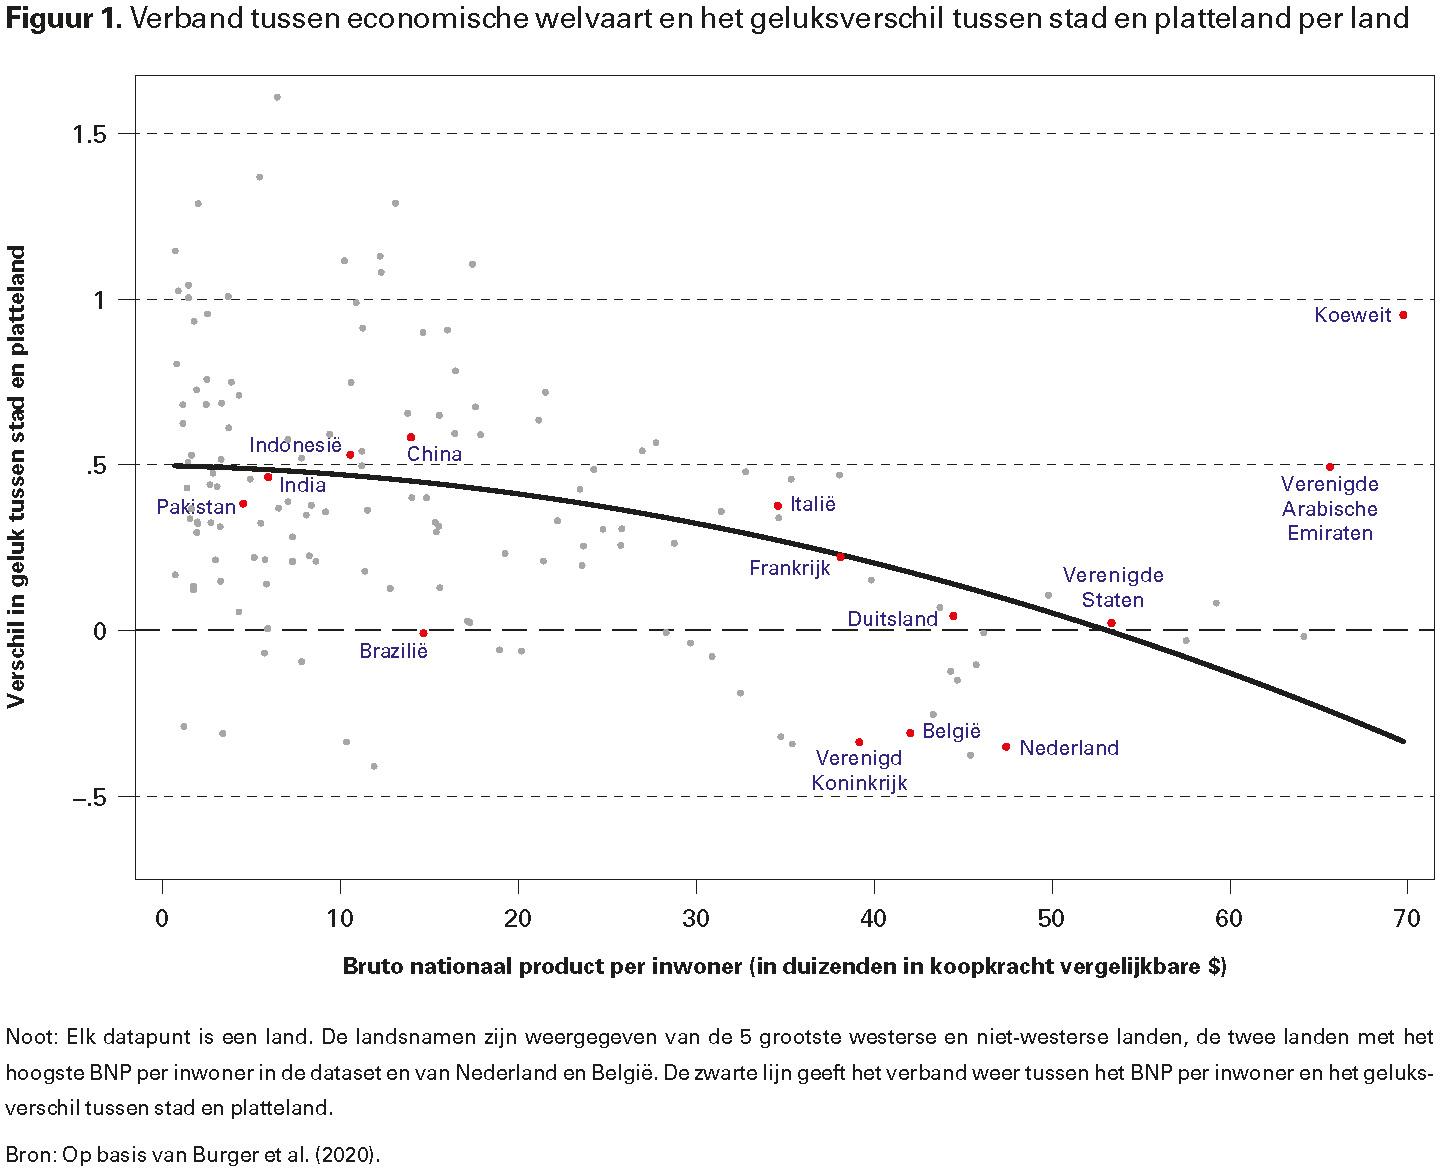 Figuur 1. Verband tussen economische welvaart en het geluksverschil tussen stad en platteland per land